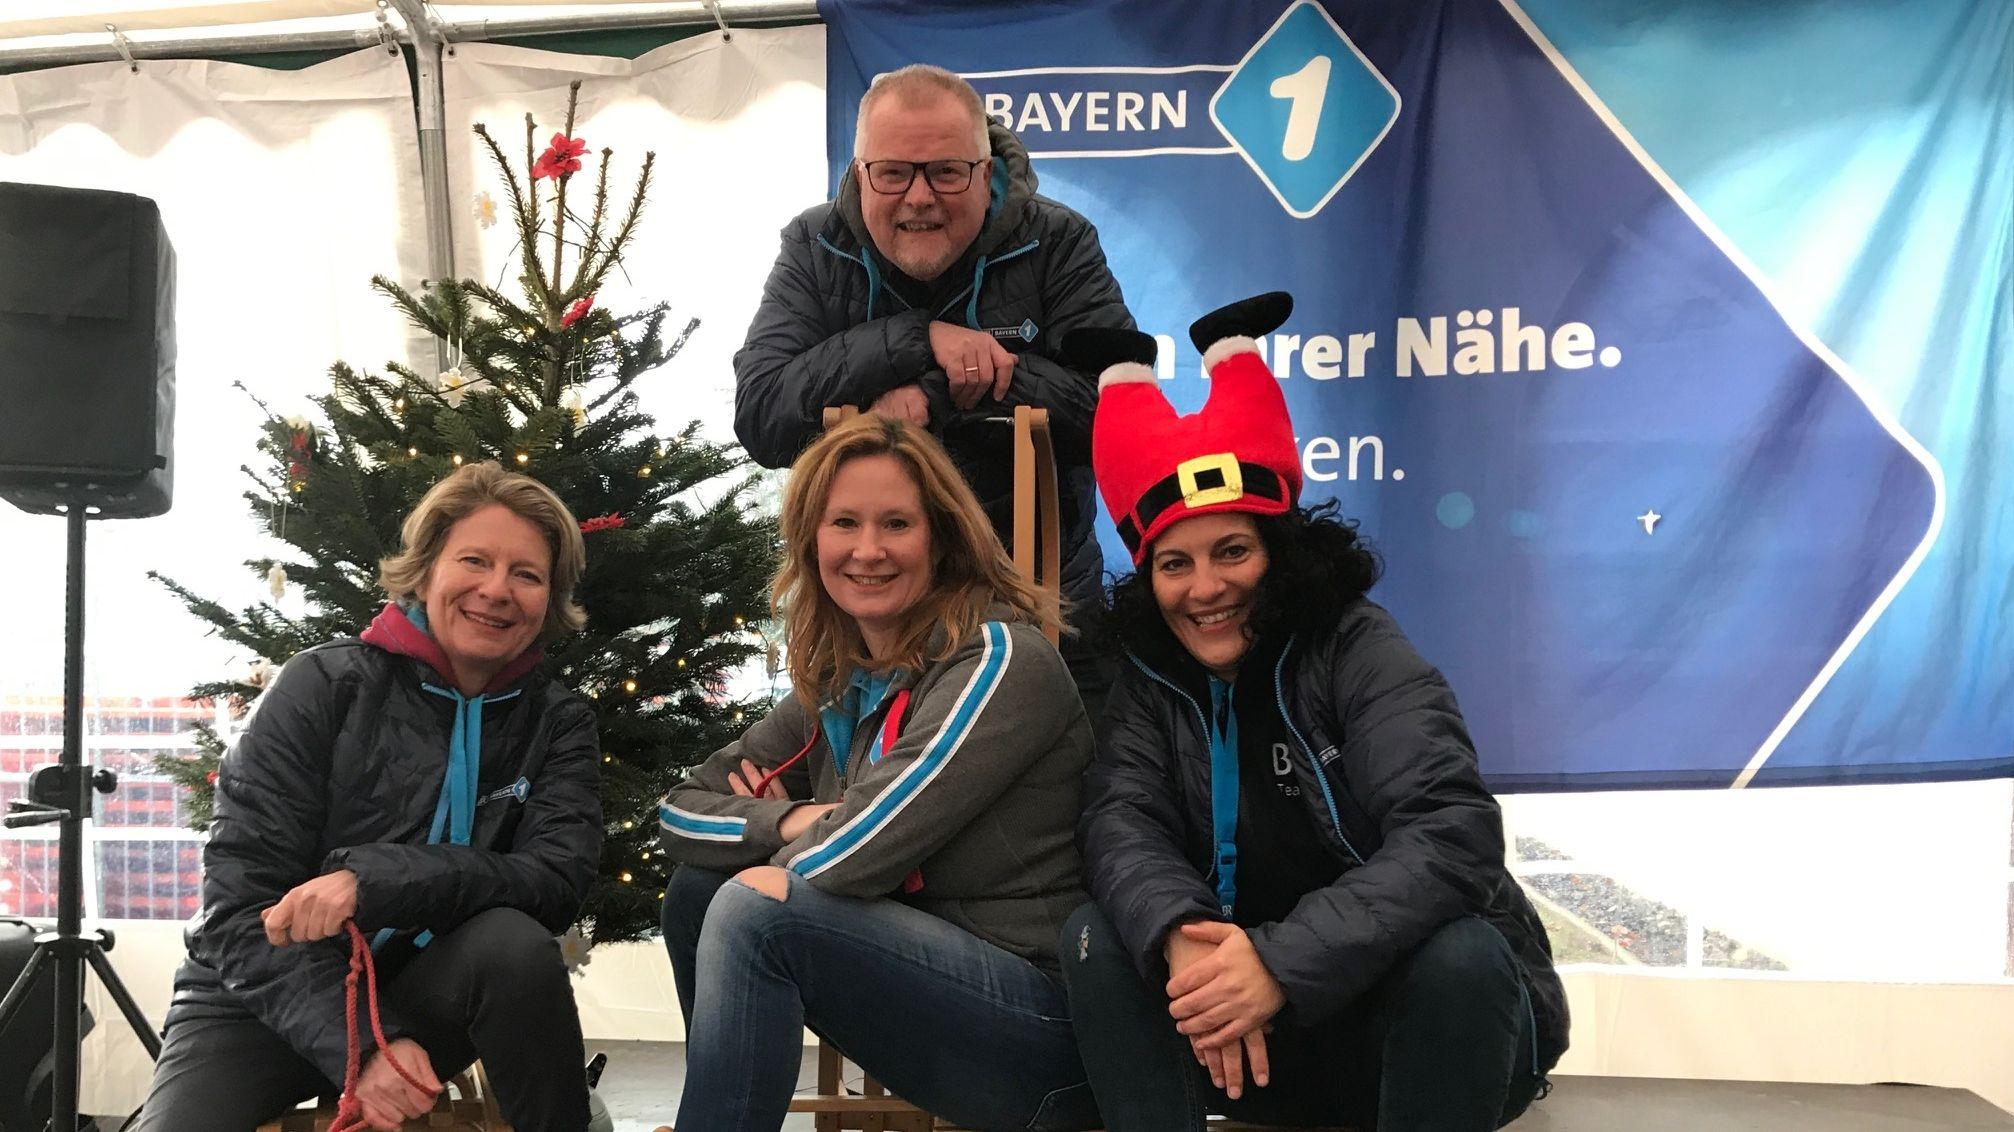 Das BR-Mainfranken-Team bei der Mainfrankentour in der Thüringer Hütte in der Rhön